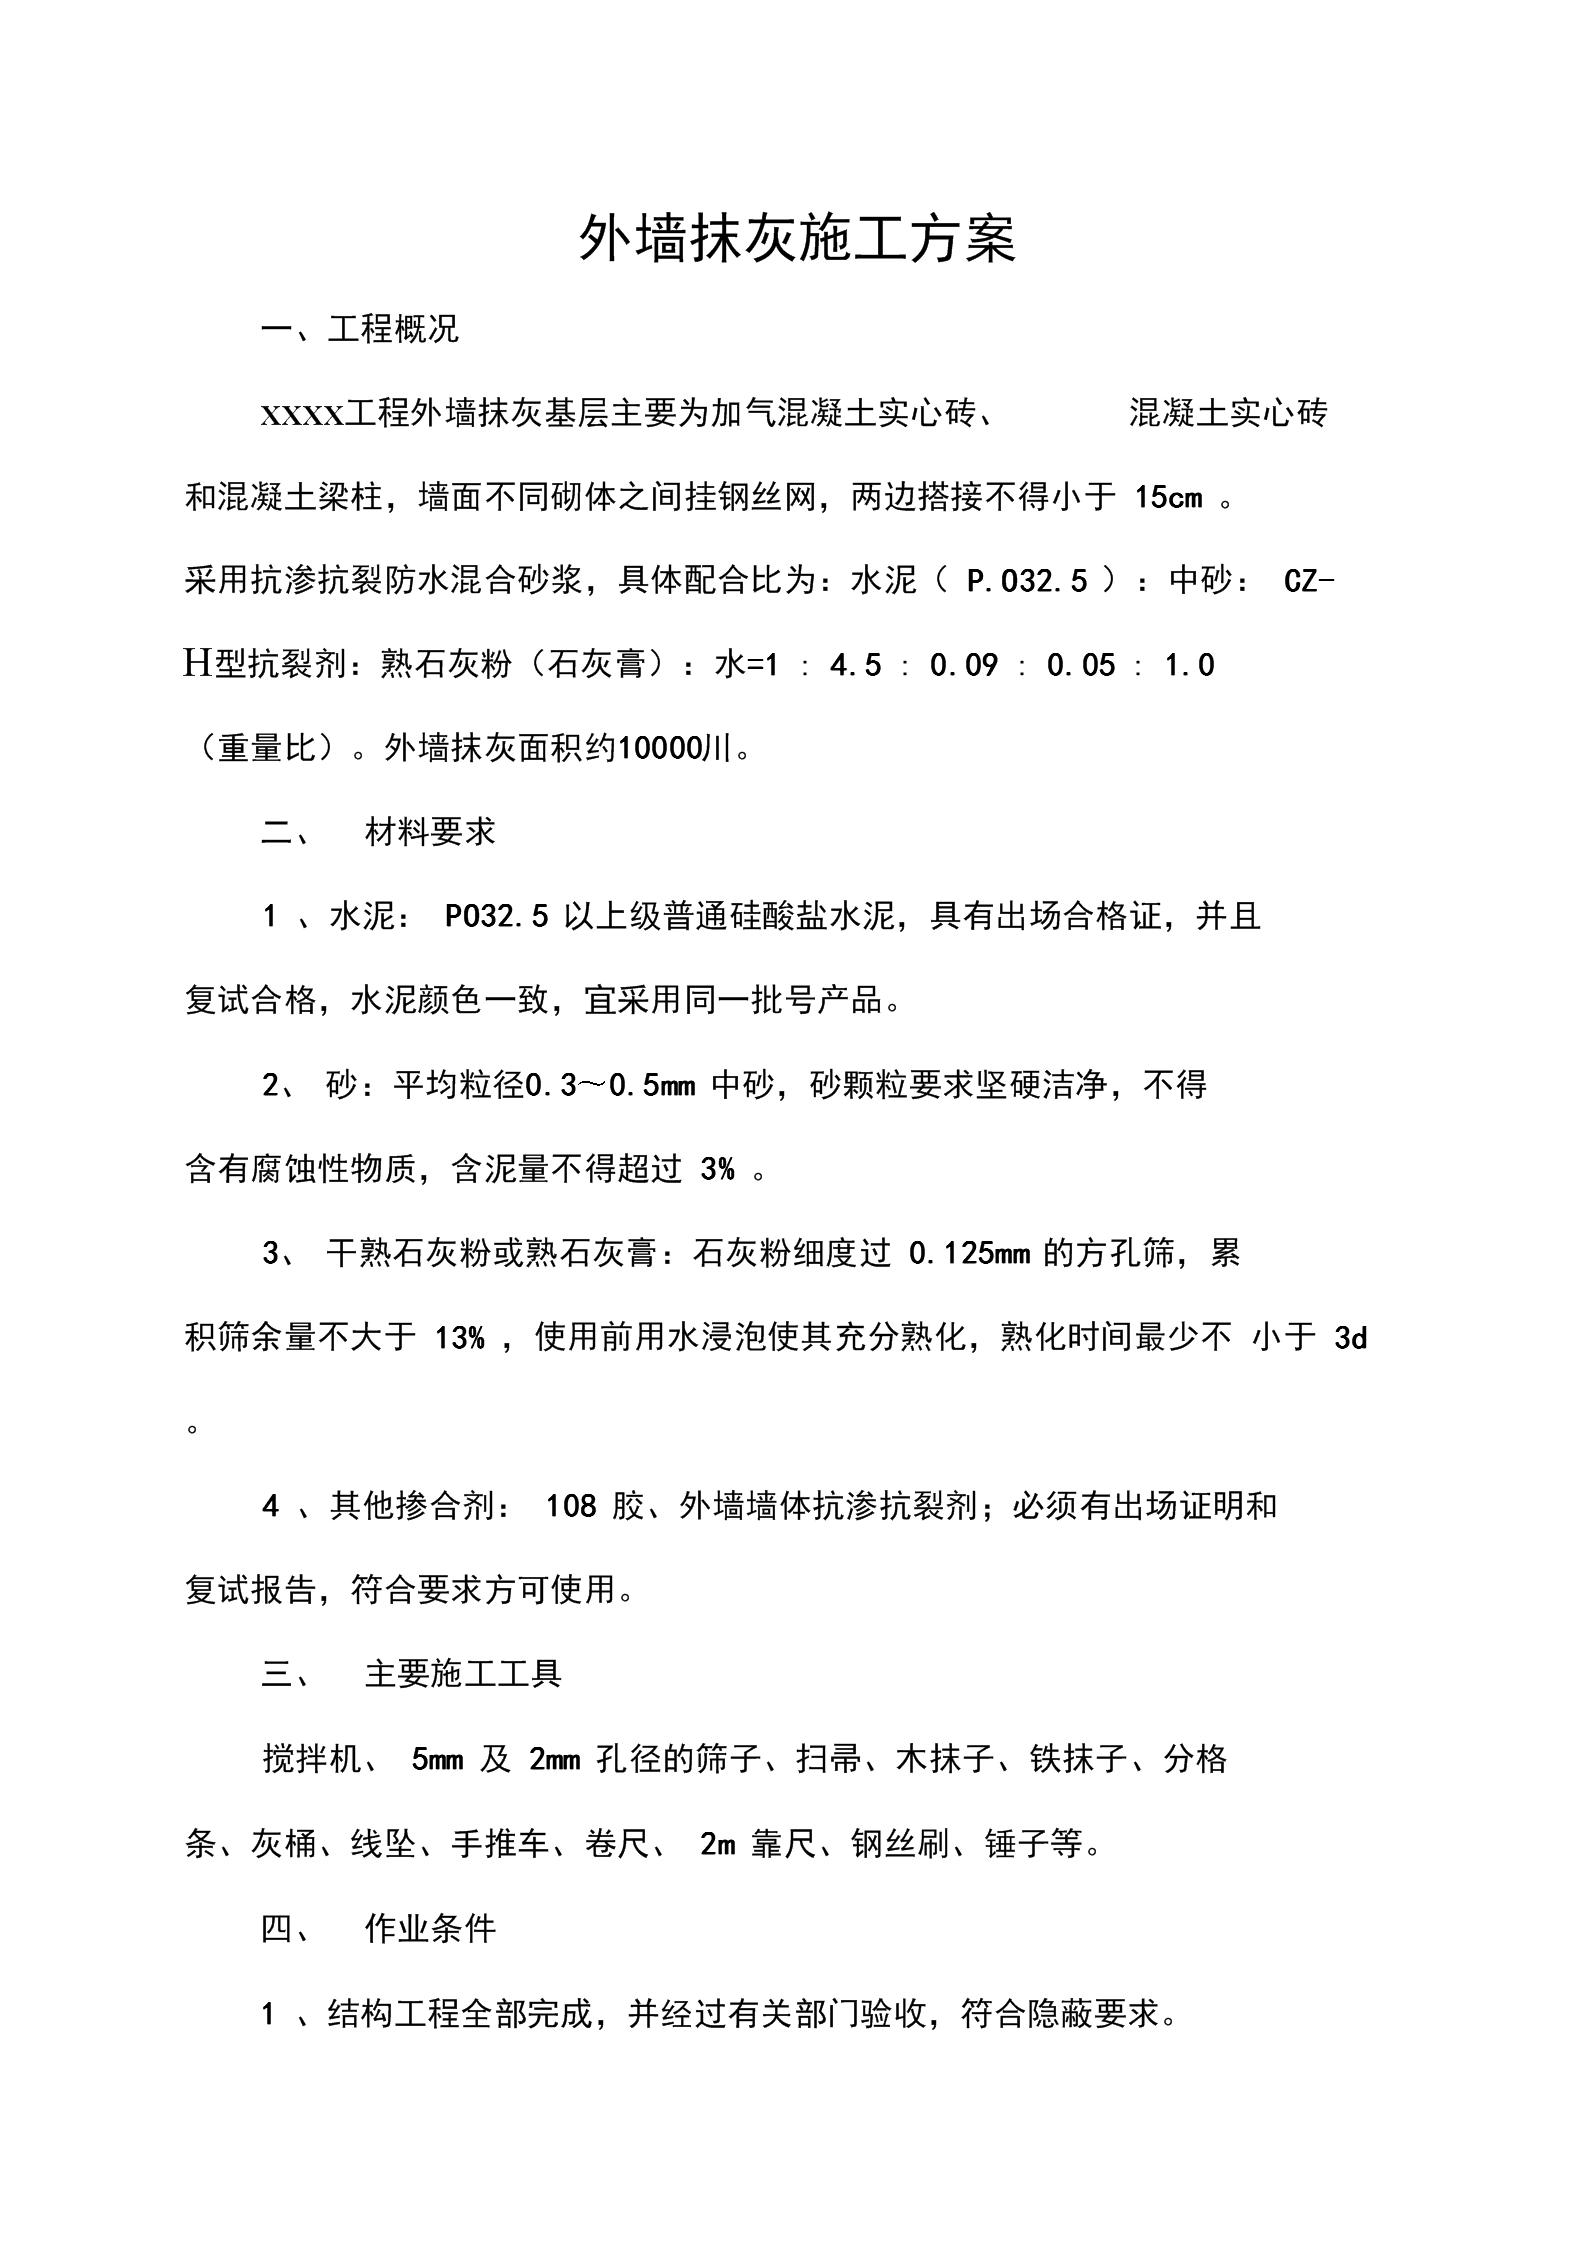 最新外墙抹灰工程施工组织设计方案.doc(gai).docx